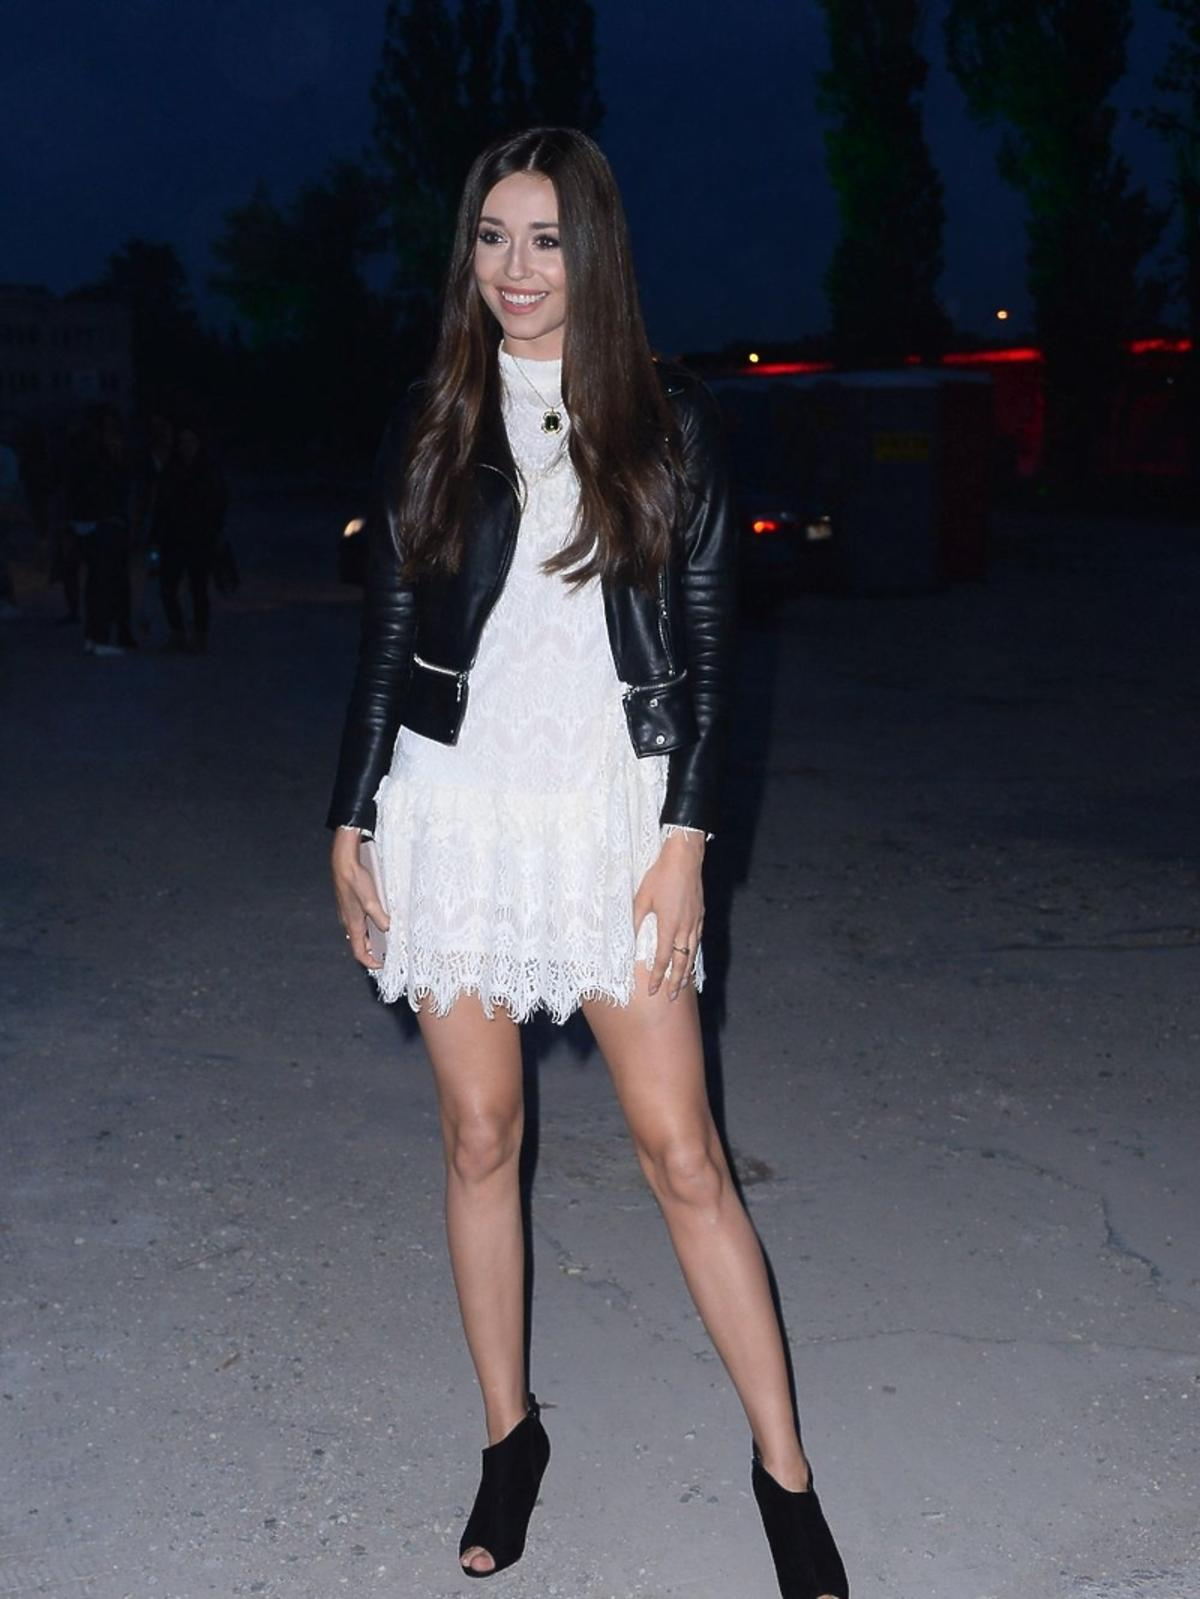 Izabella Krzan w białej sukience